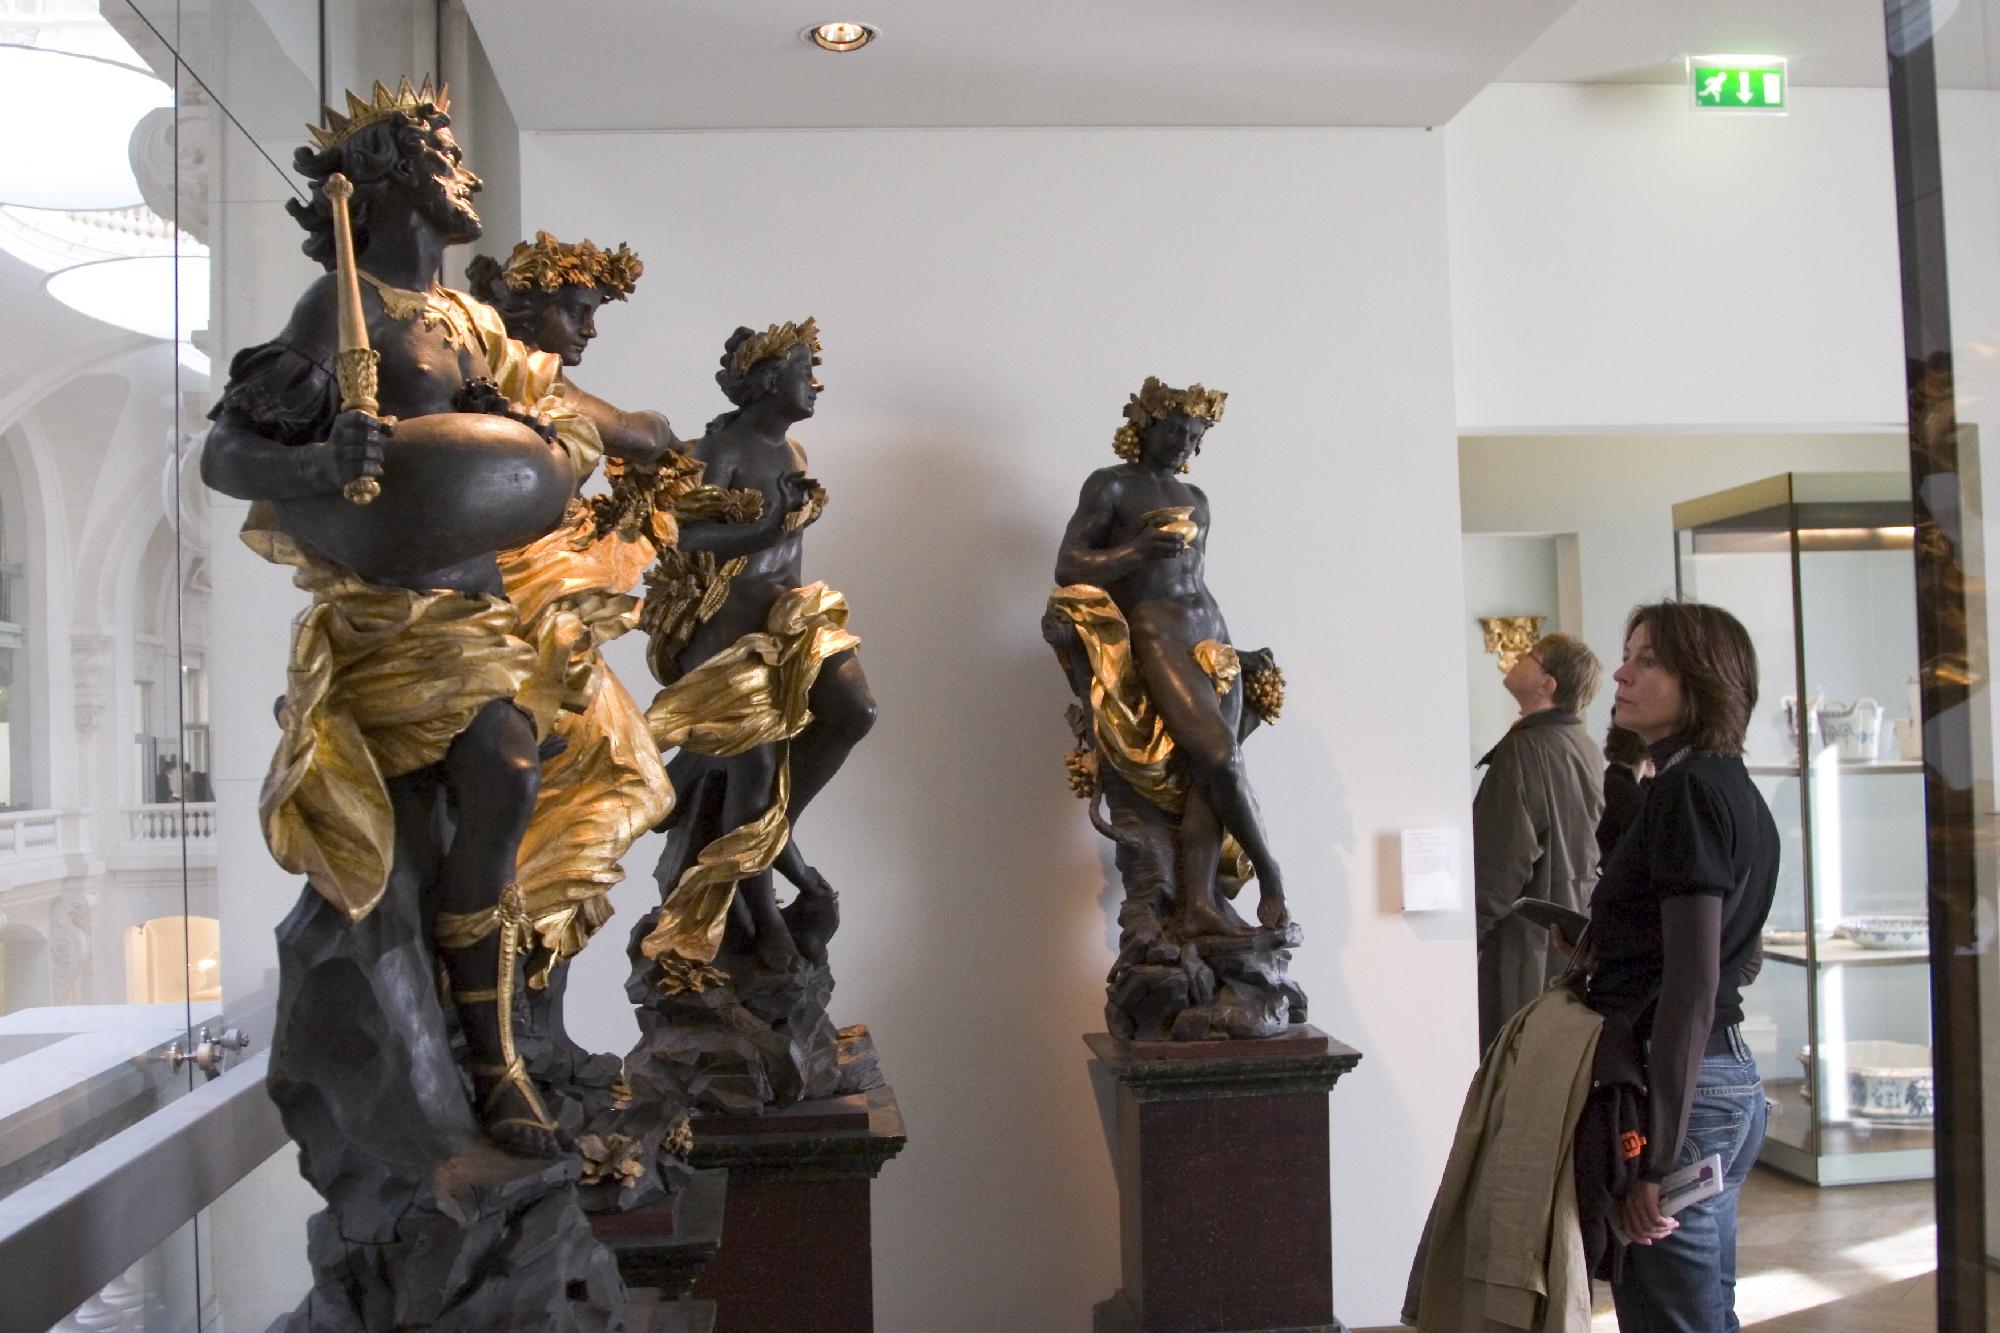 Museum: Musée des Arts Décoratifs